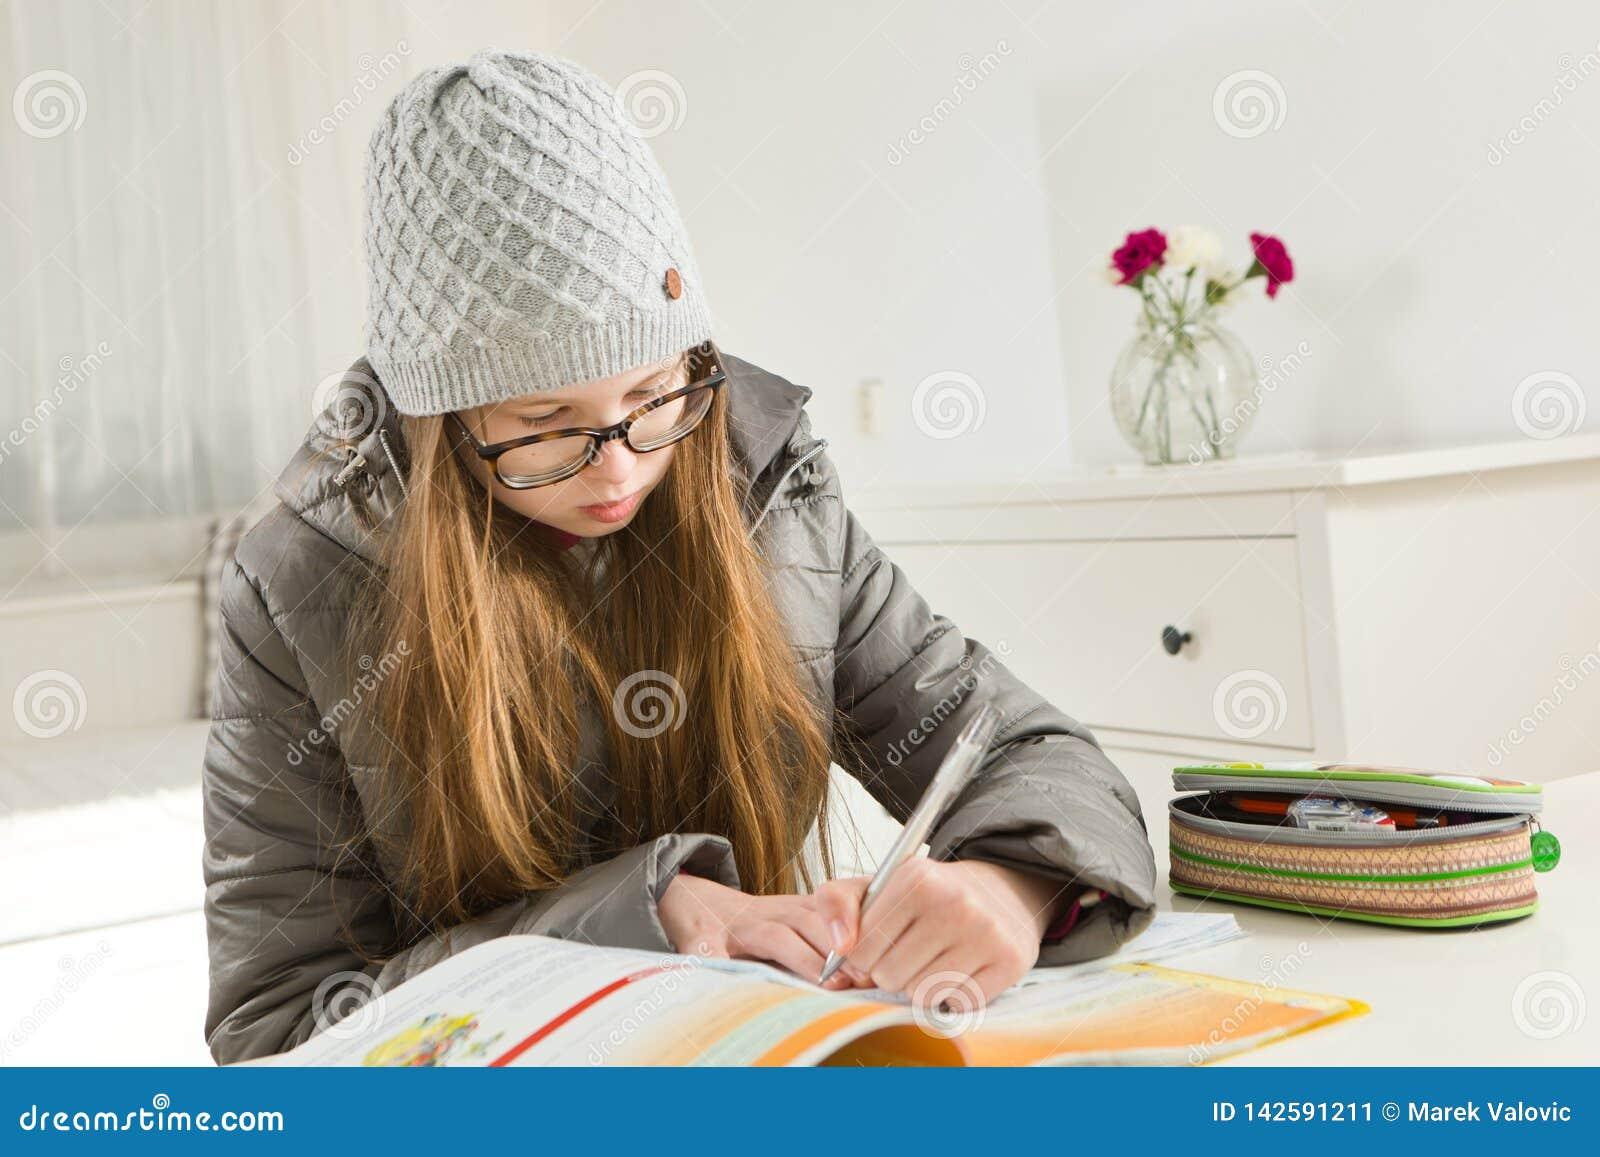 Домашняя работа девушки стать веб моделью без документов